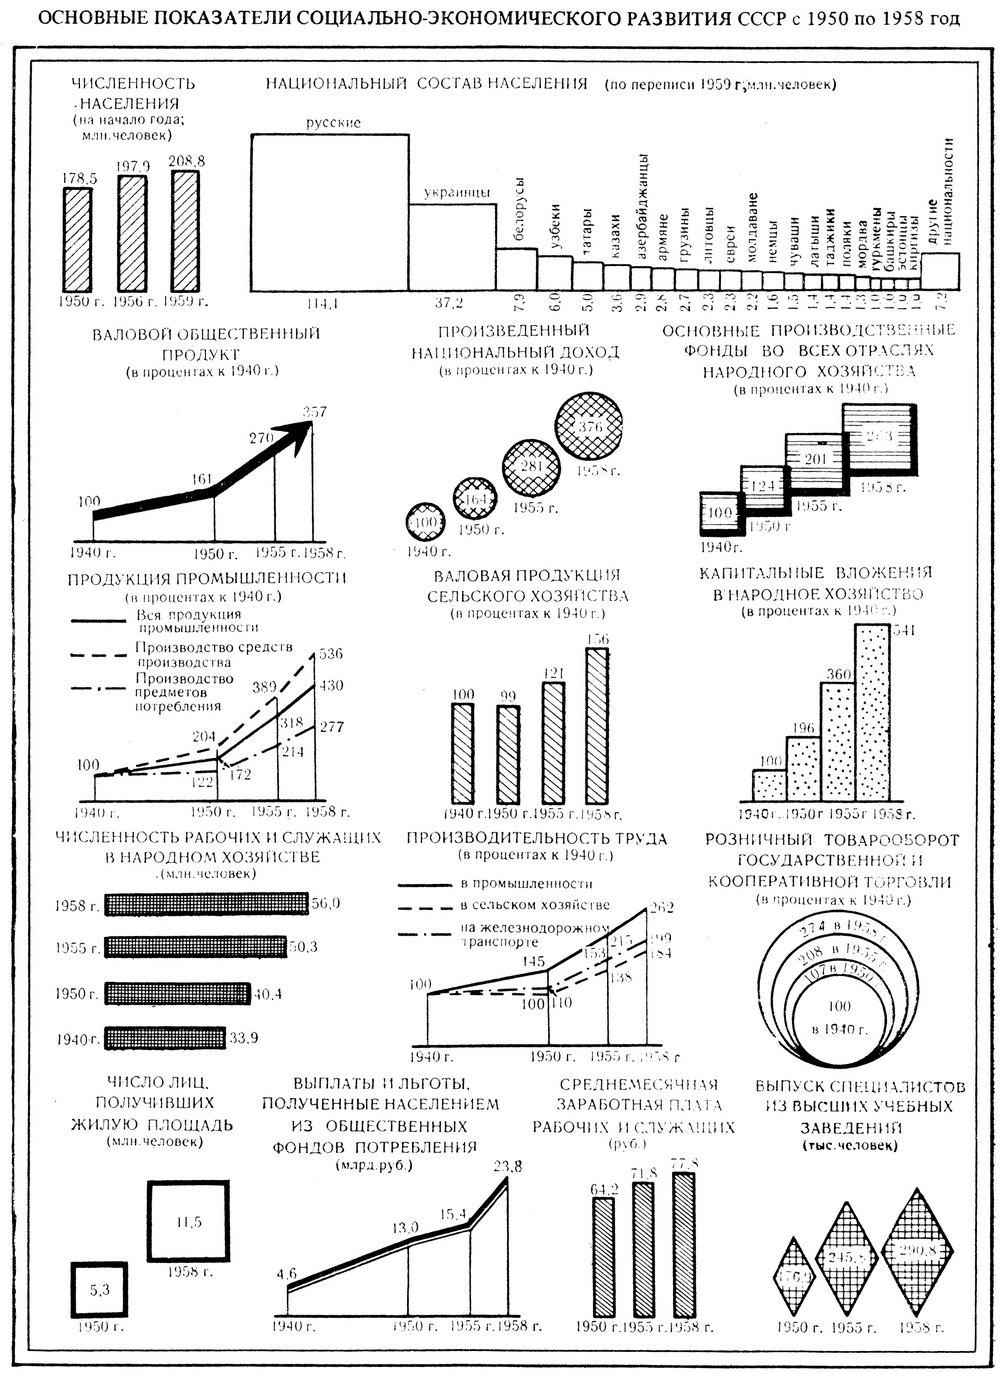 Показатели Социально-Экономического Развития СССР 1950-1958 гг